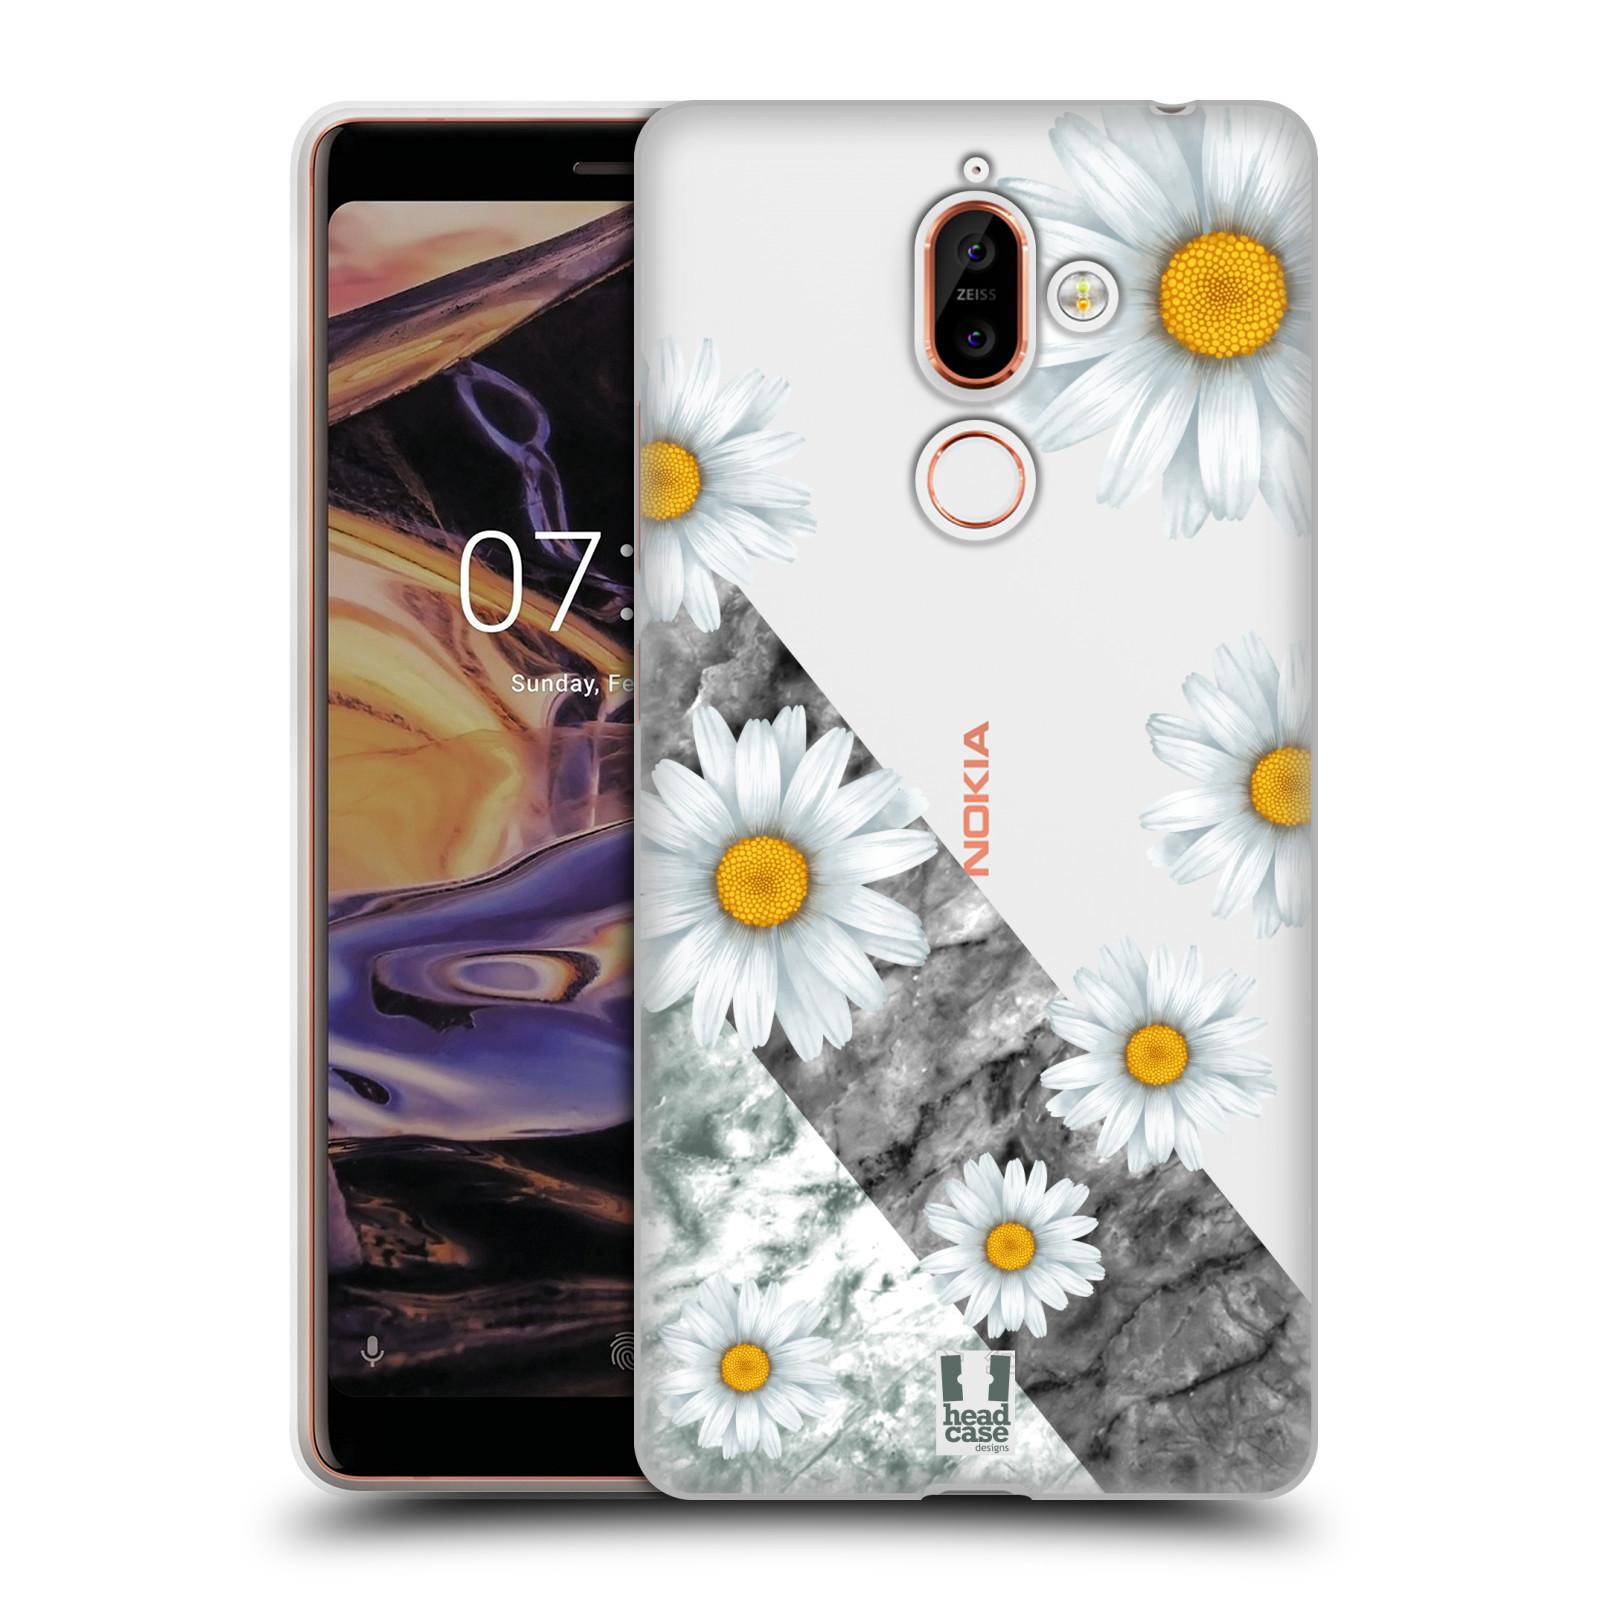 Silikonové pouzdro na mobil Nokia 7 Plus - Head Case - Kopretiny a mramor